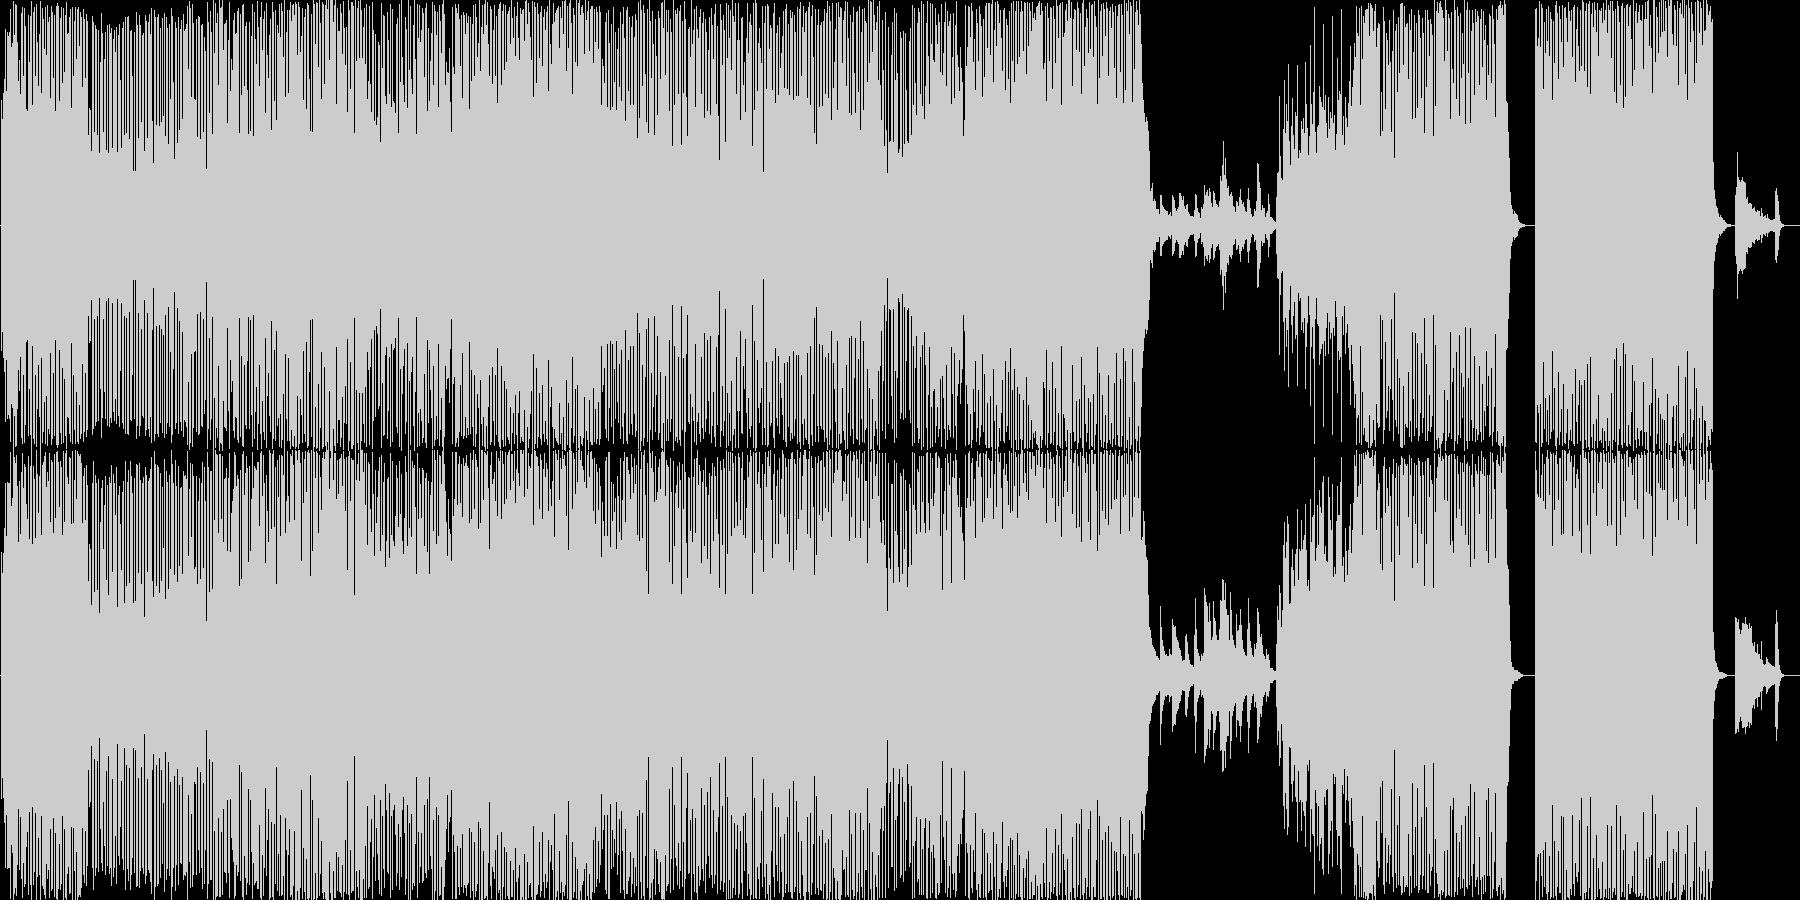 ソロピアノ。ピアノアルペジオの美し...の未再生の波形